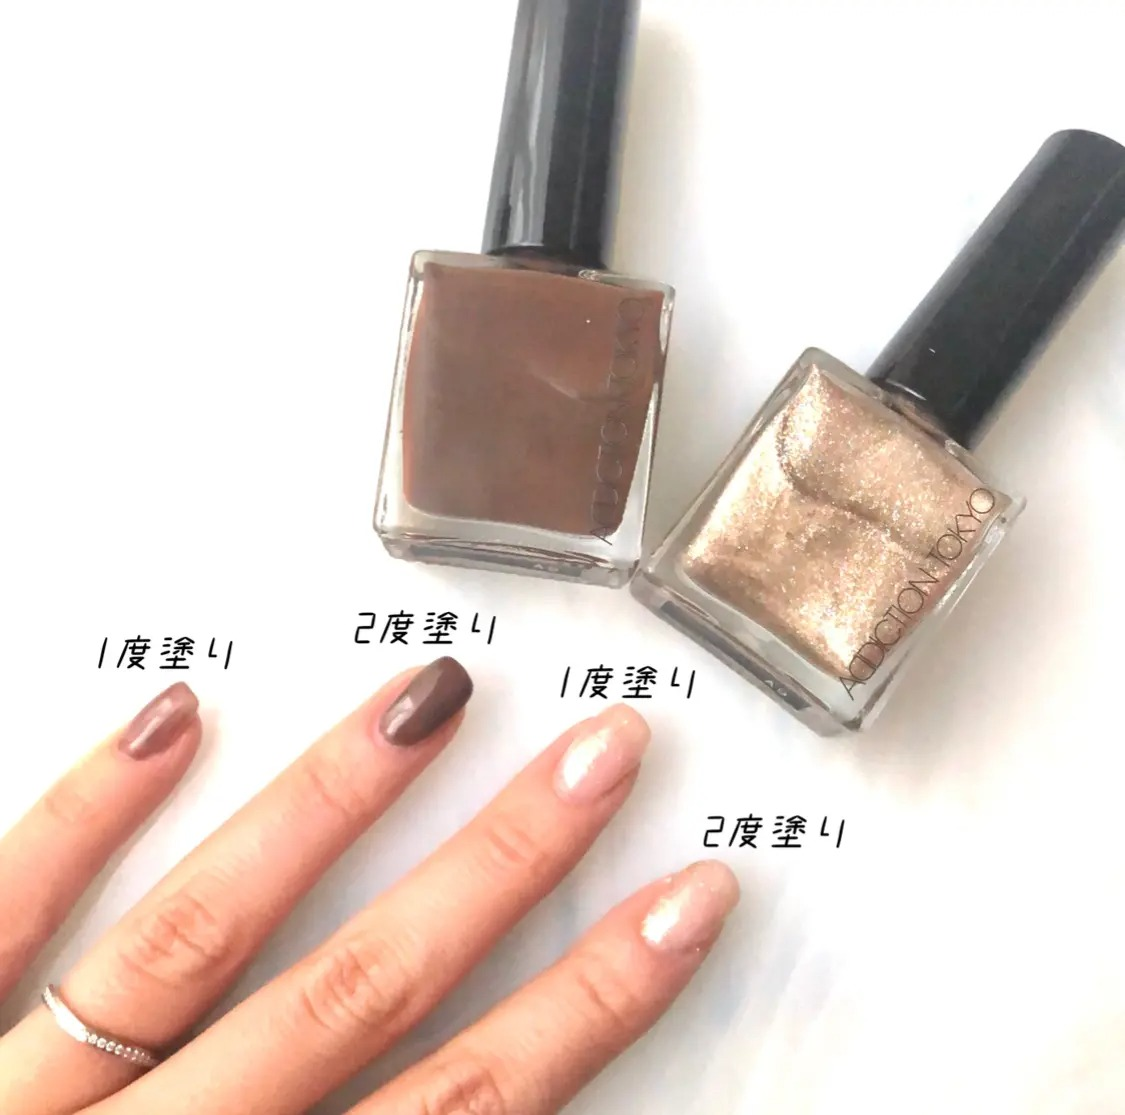 アディクション ザ ネイルポリッシュ Lを1度塗りした爪と2度塗りした爪